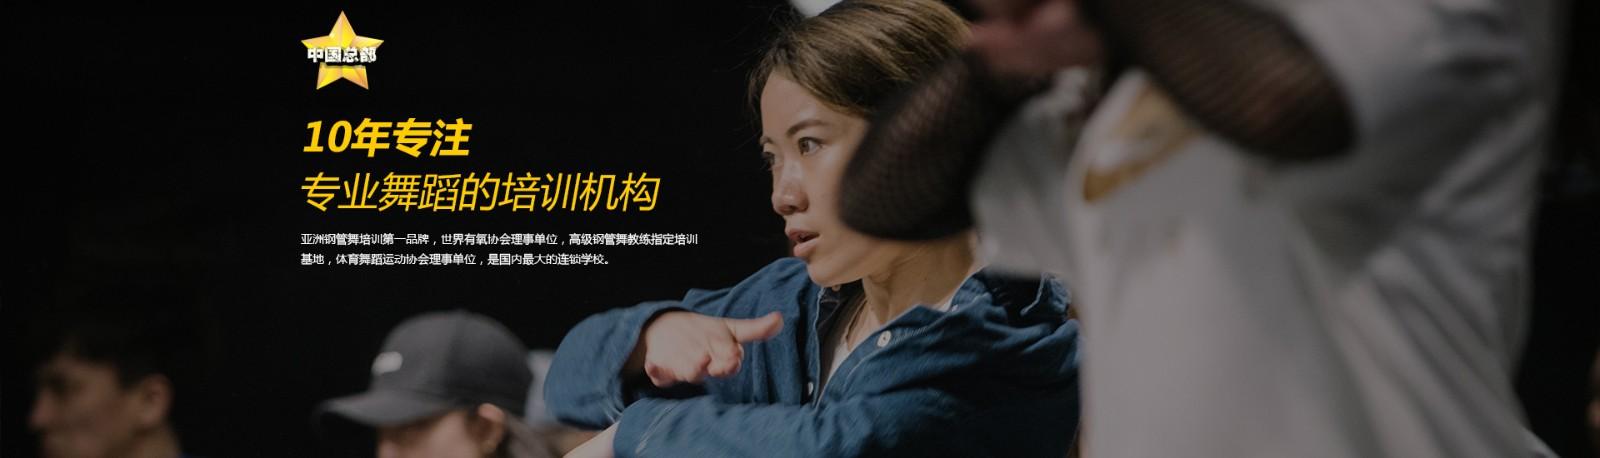 渭南华翎舞蹈betway体育app学校 横幅广告